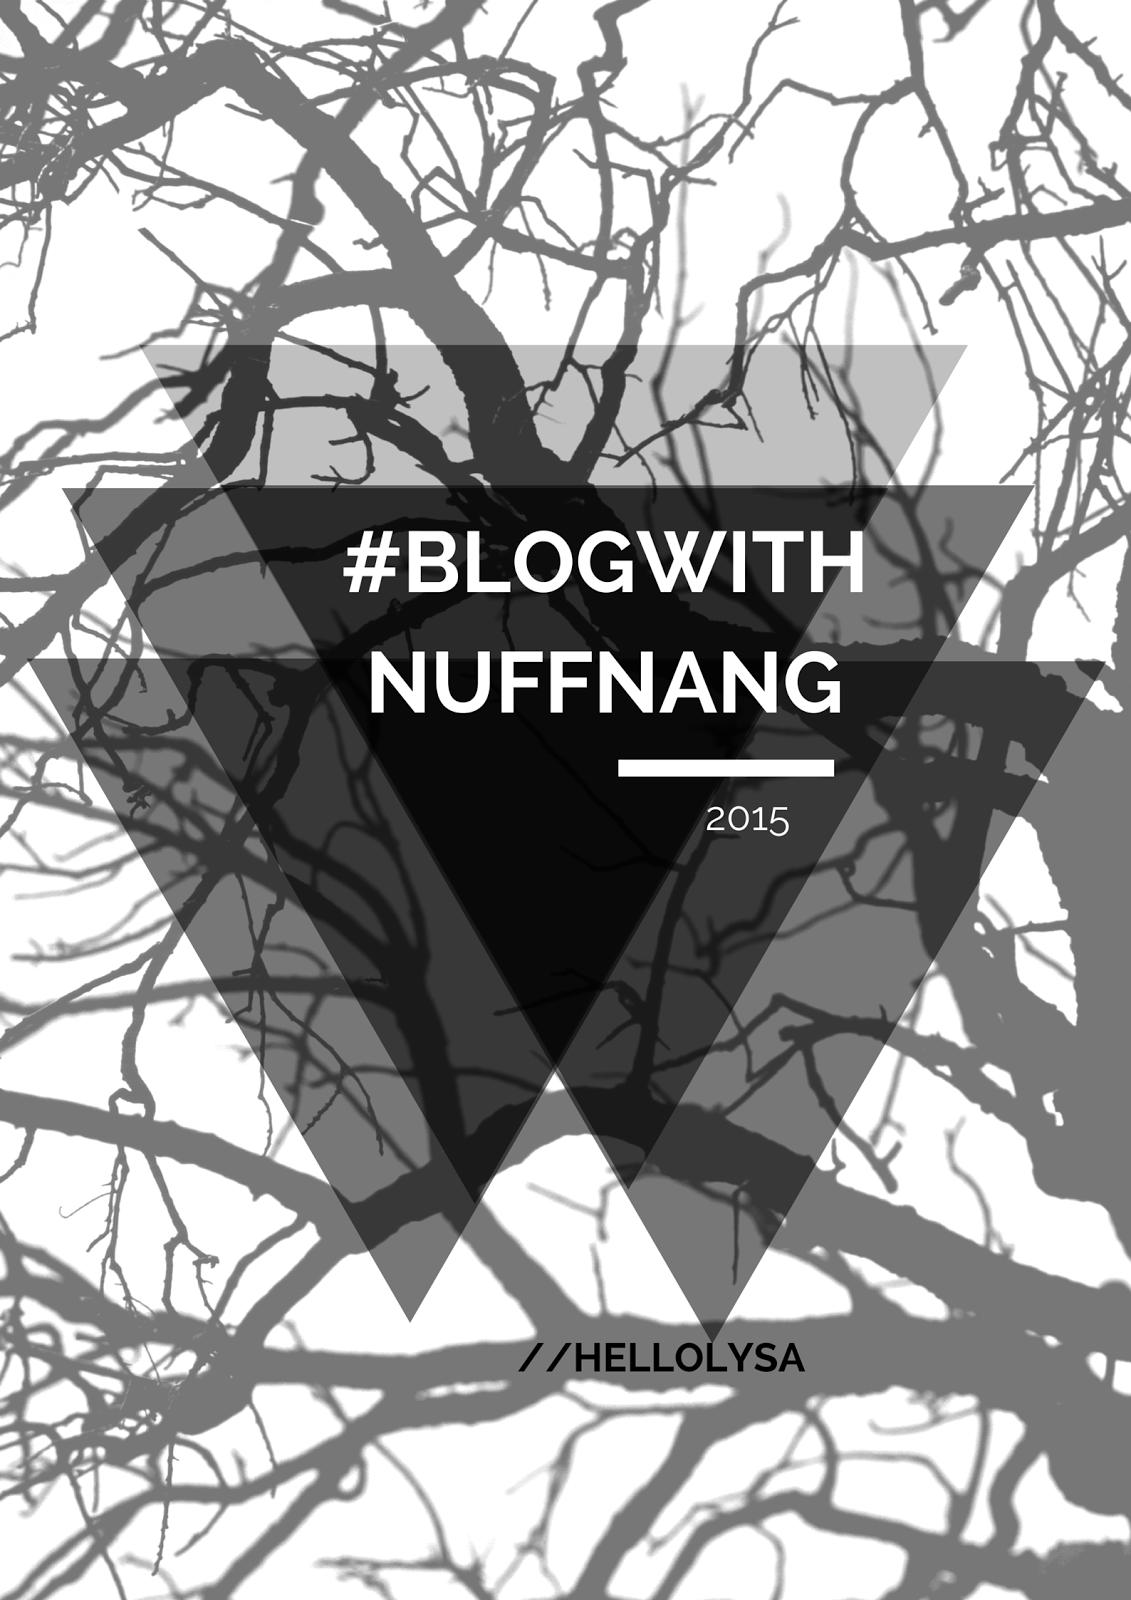 #BlogWithNuffnang